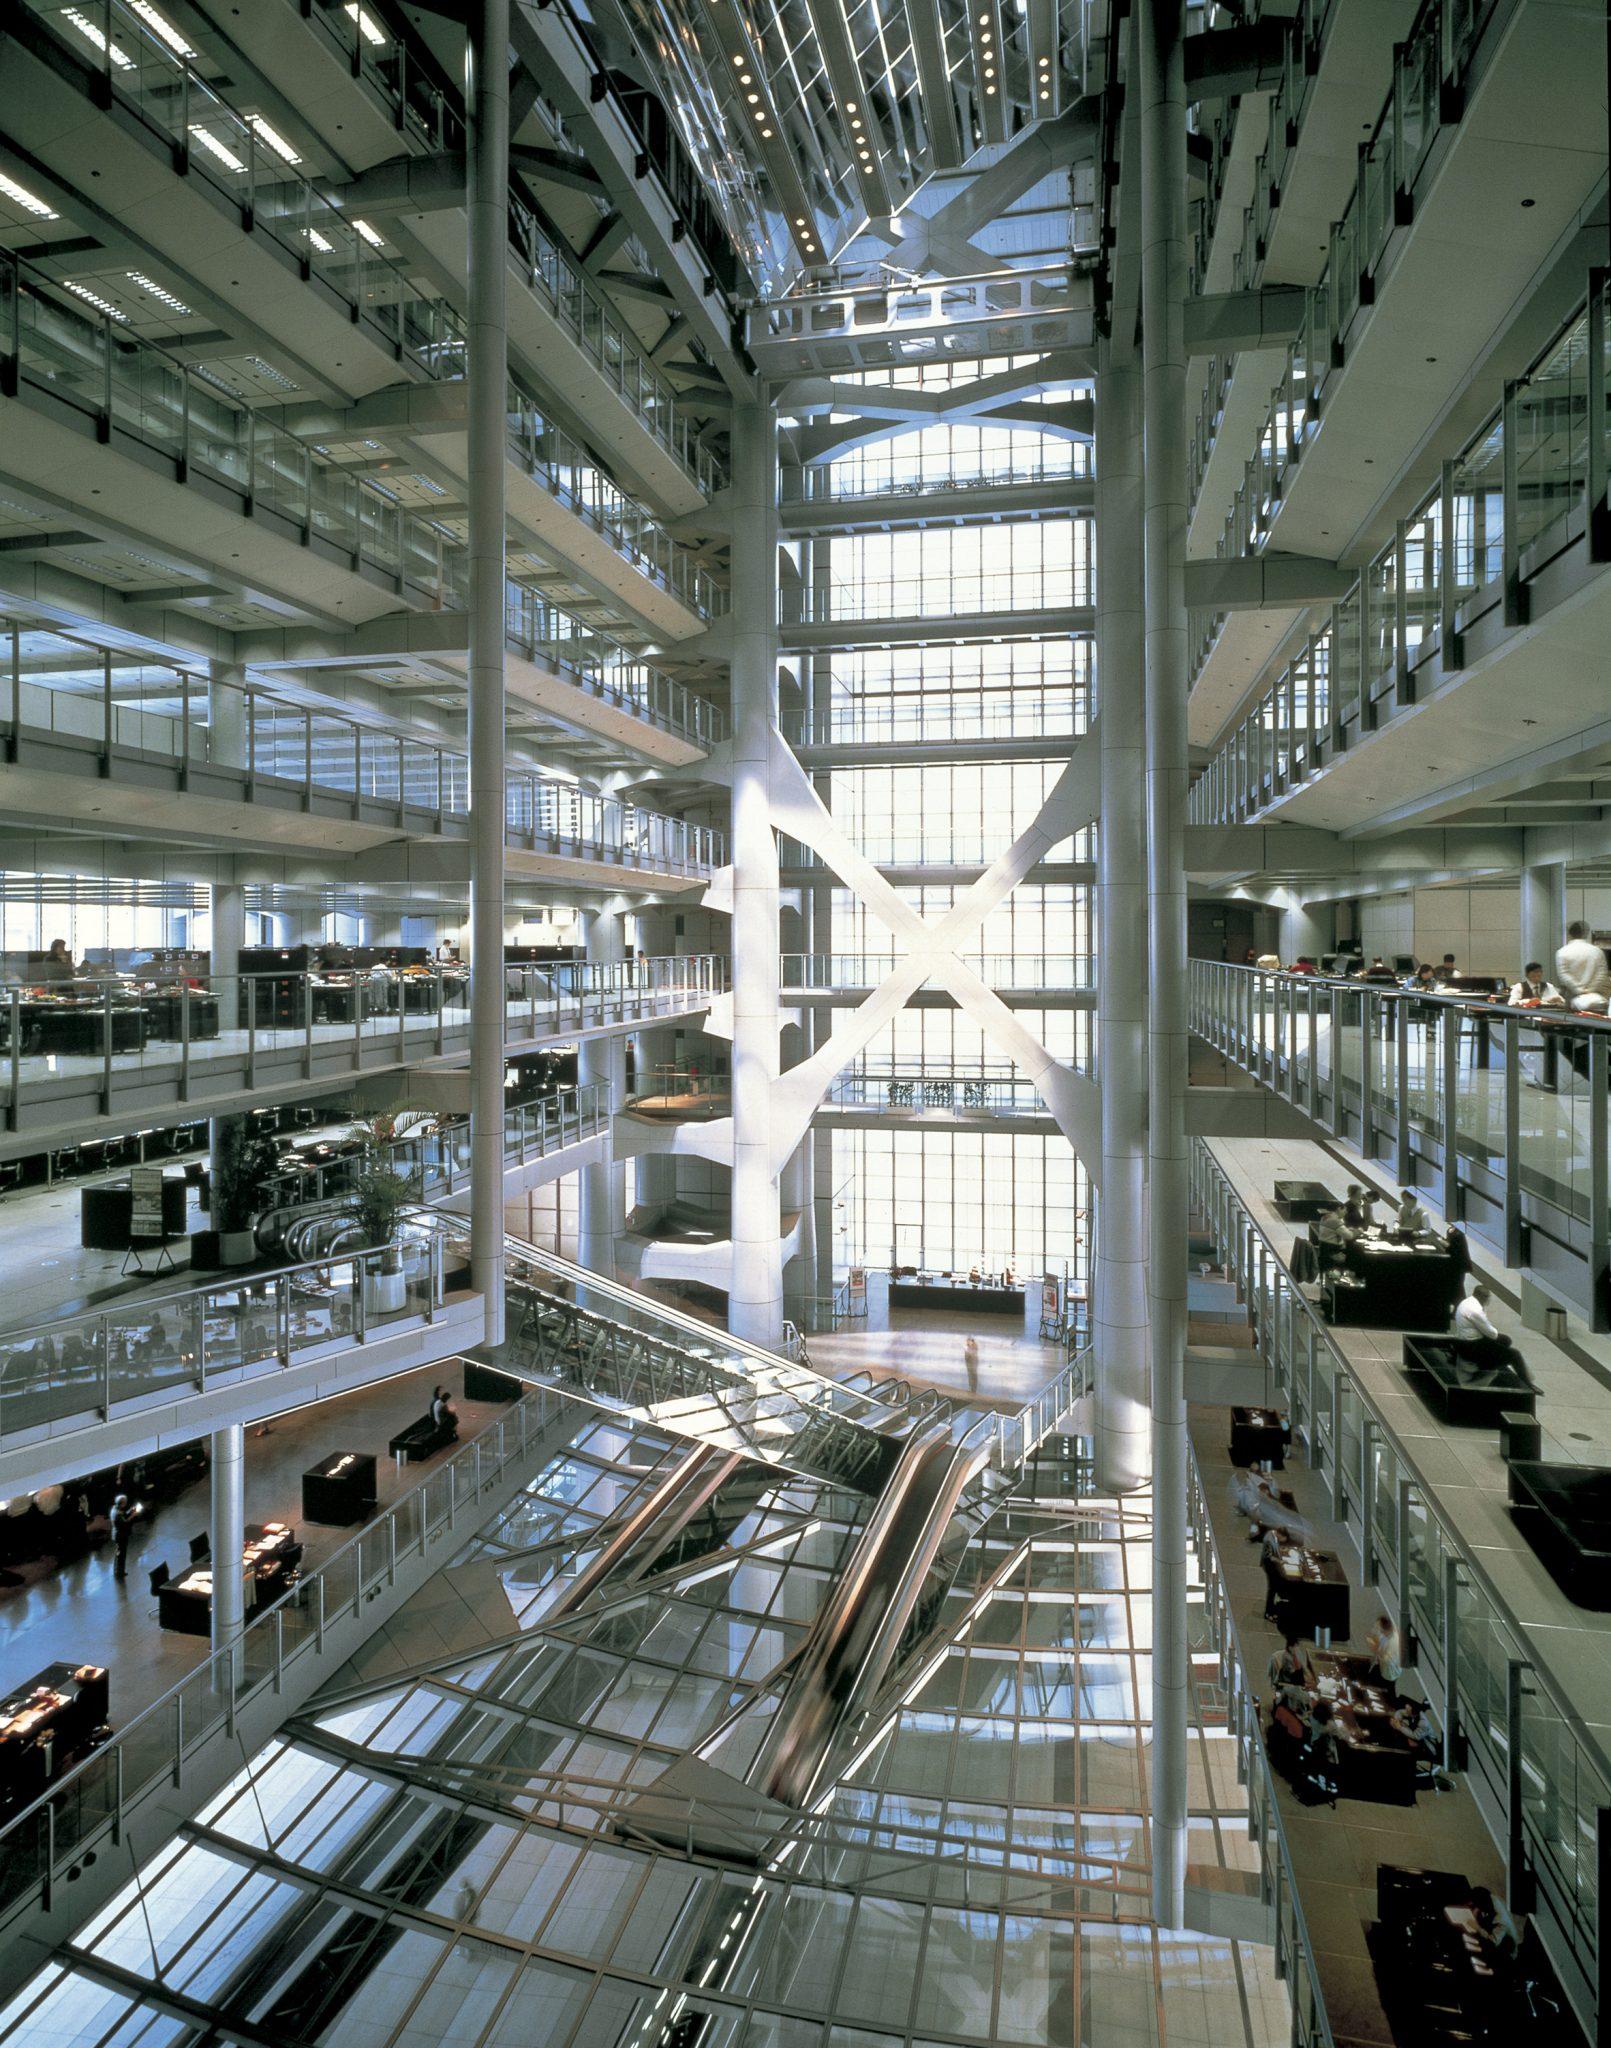 HSBC headquarter by Foster Associates